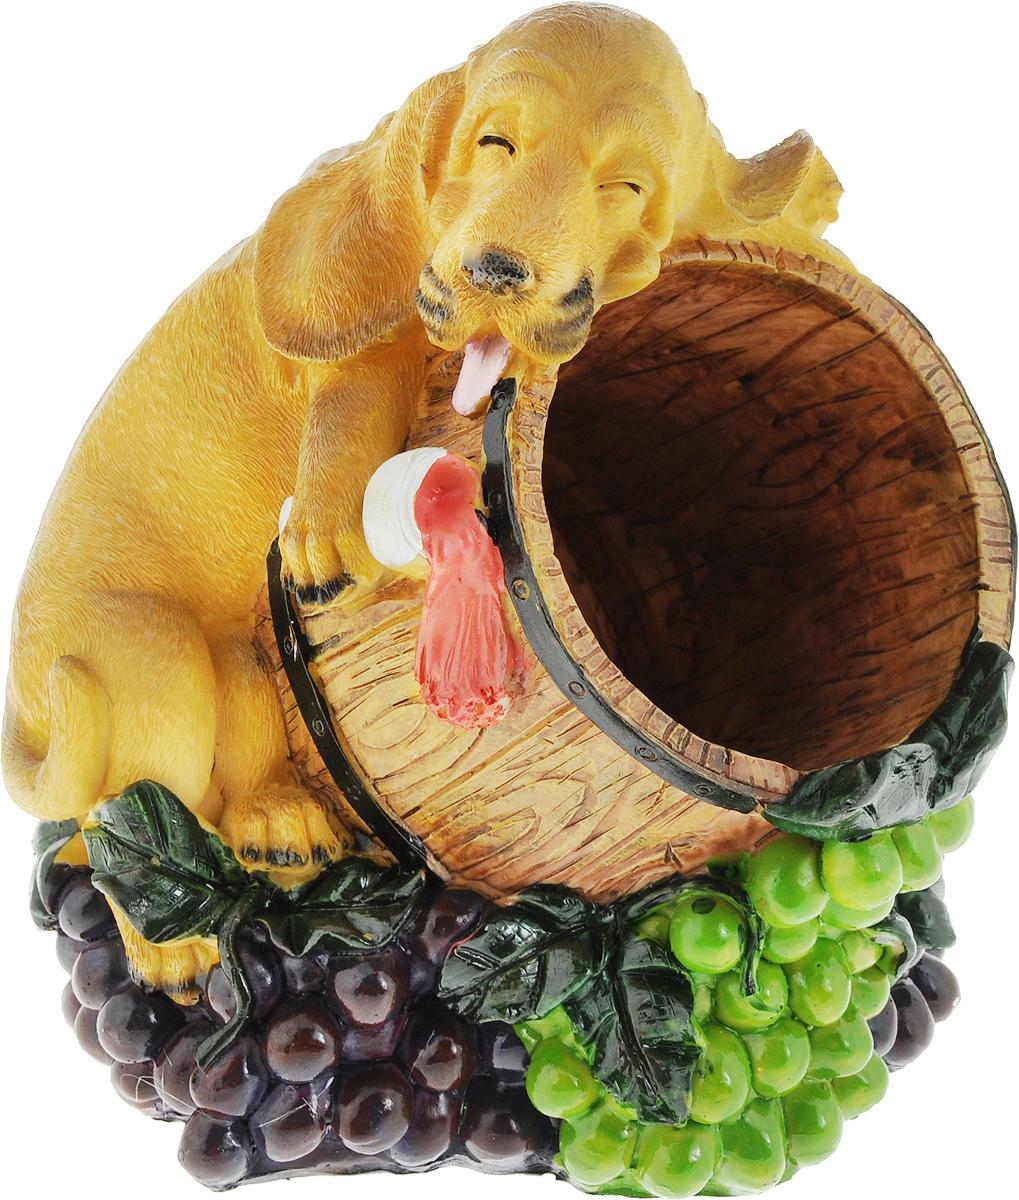 Подставка для вина Drivemotion Пьяный рыжий пес, 18 х 16 х 15 смwh_24Подставка для вина Drivemotion Пьяный рыжий пес, выполненная из высококачественного полистоуна, порадует вас и ваших гостей своим великолепным дизайном и яркими красками.Поместите винную бутылку в эту красивую подставку, и гости не только надолго запомнят ваше мероприятие, но и будут рассказывать о нем другим.Эта замечательная подставка может стать великолепным штрихом к вашему празднику.Диаметр отверстия для бутылки: 8 см.